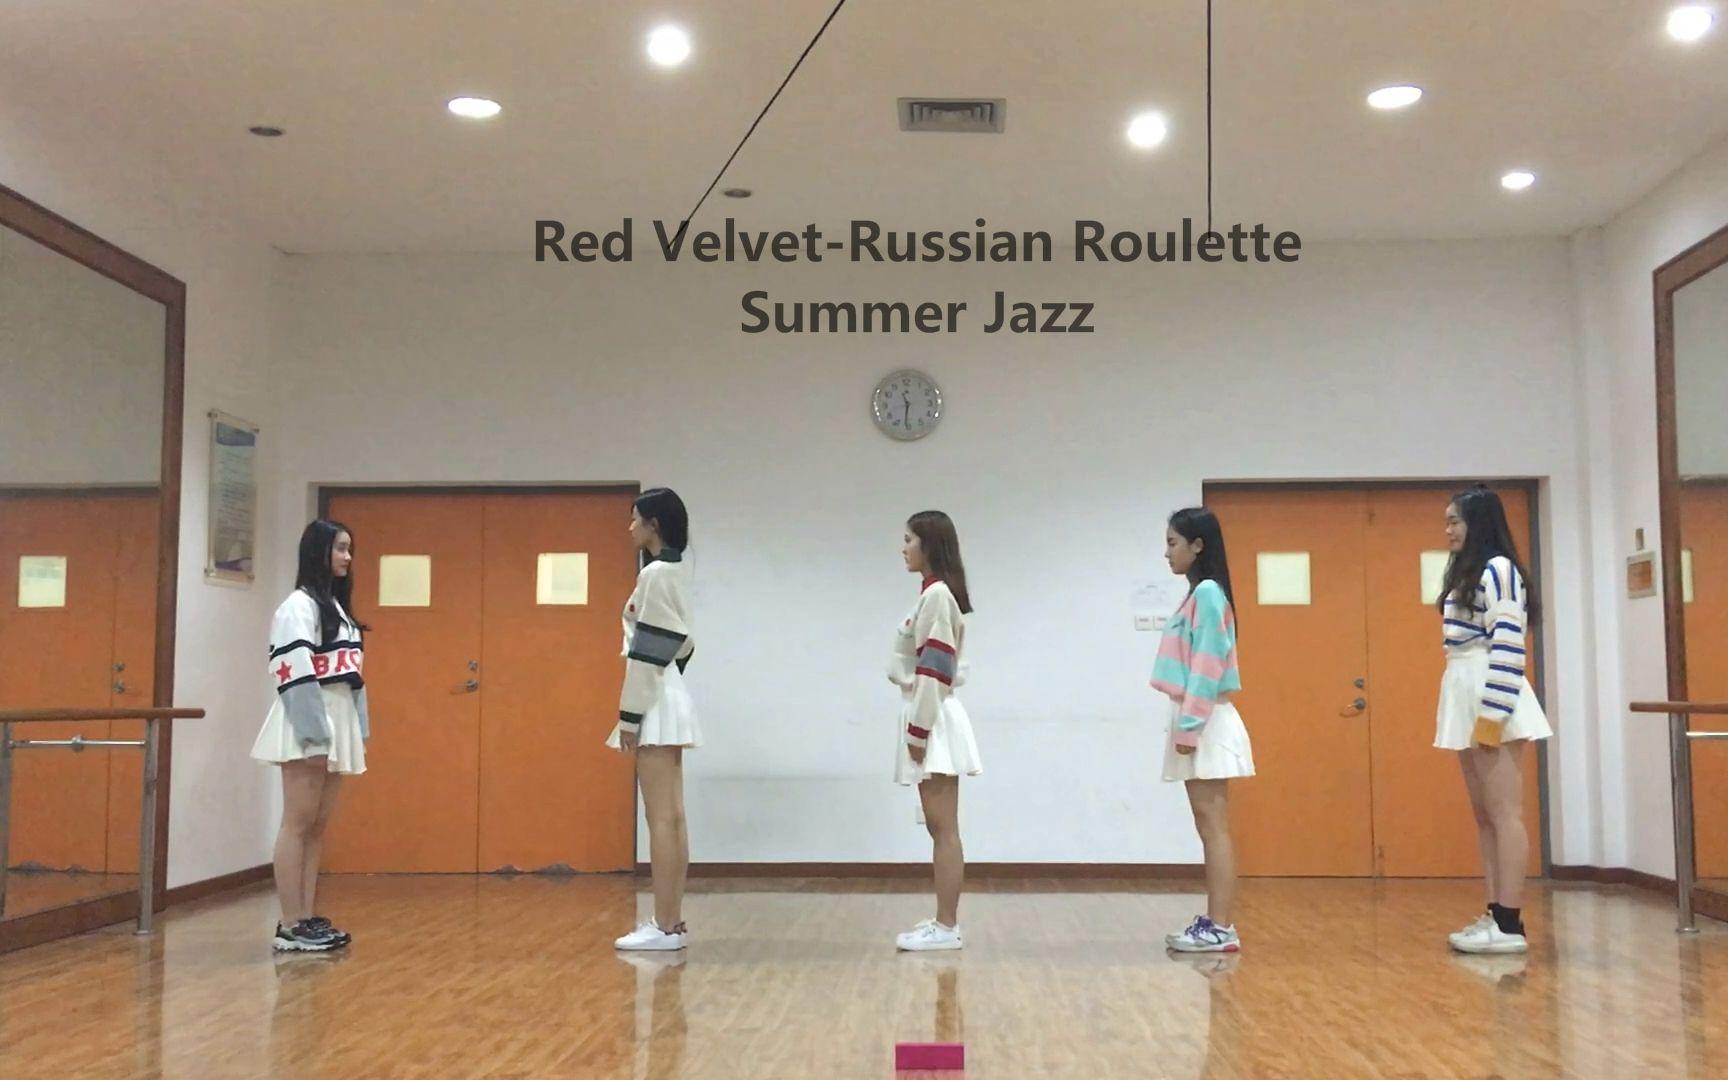 red velvet-russian roulette(summer jazz翻跳)